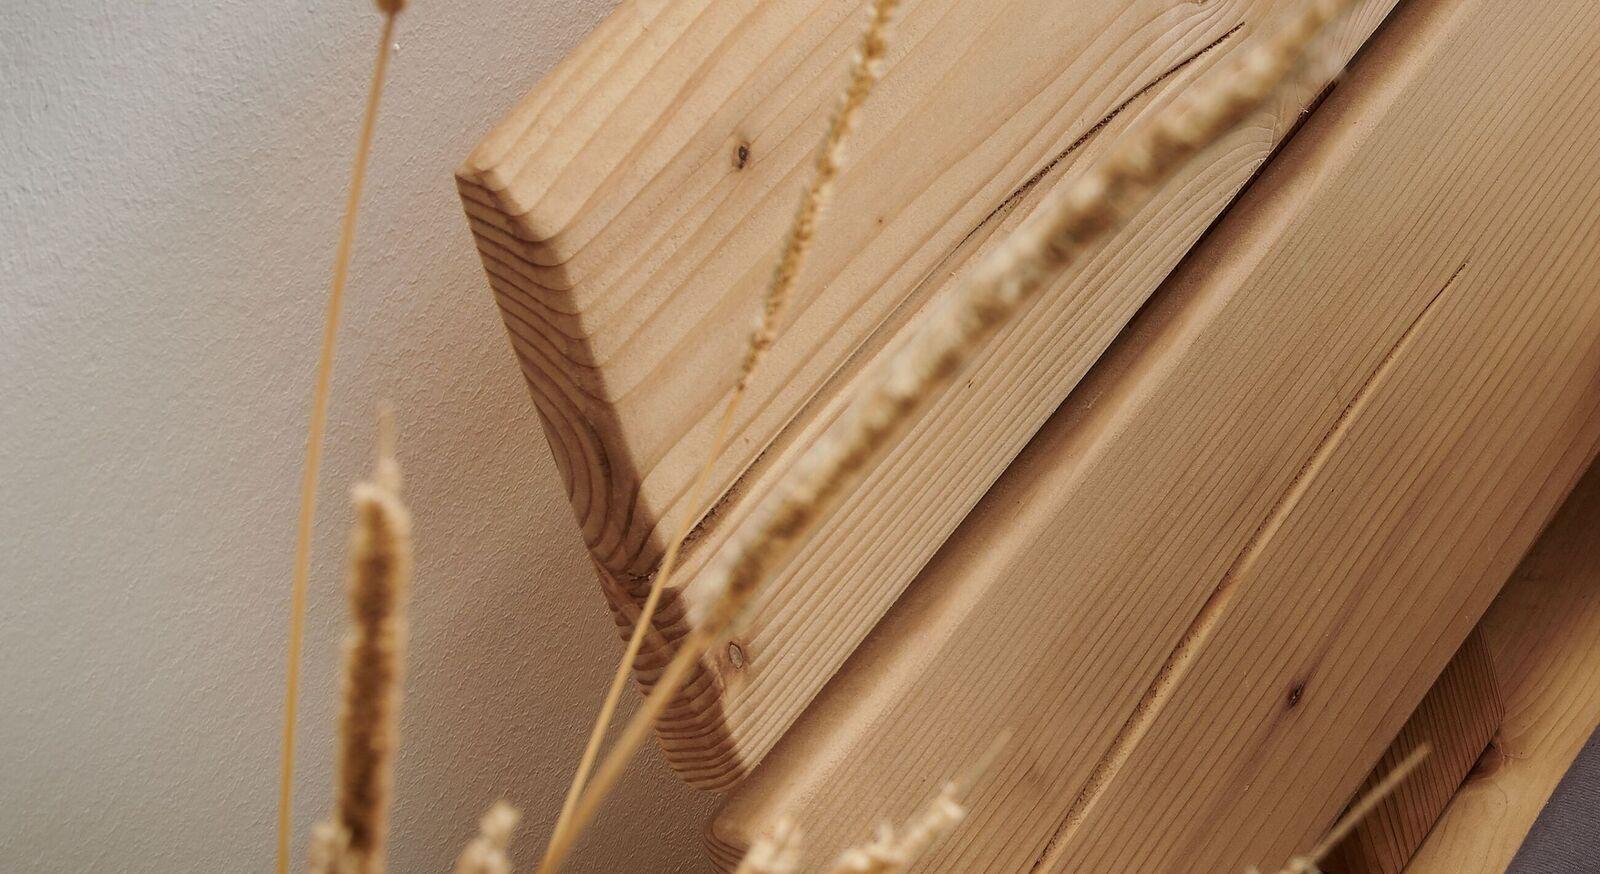 Balkenbett aus Fichte mit natürlicher Kante am Kopfteil